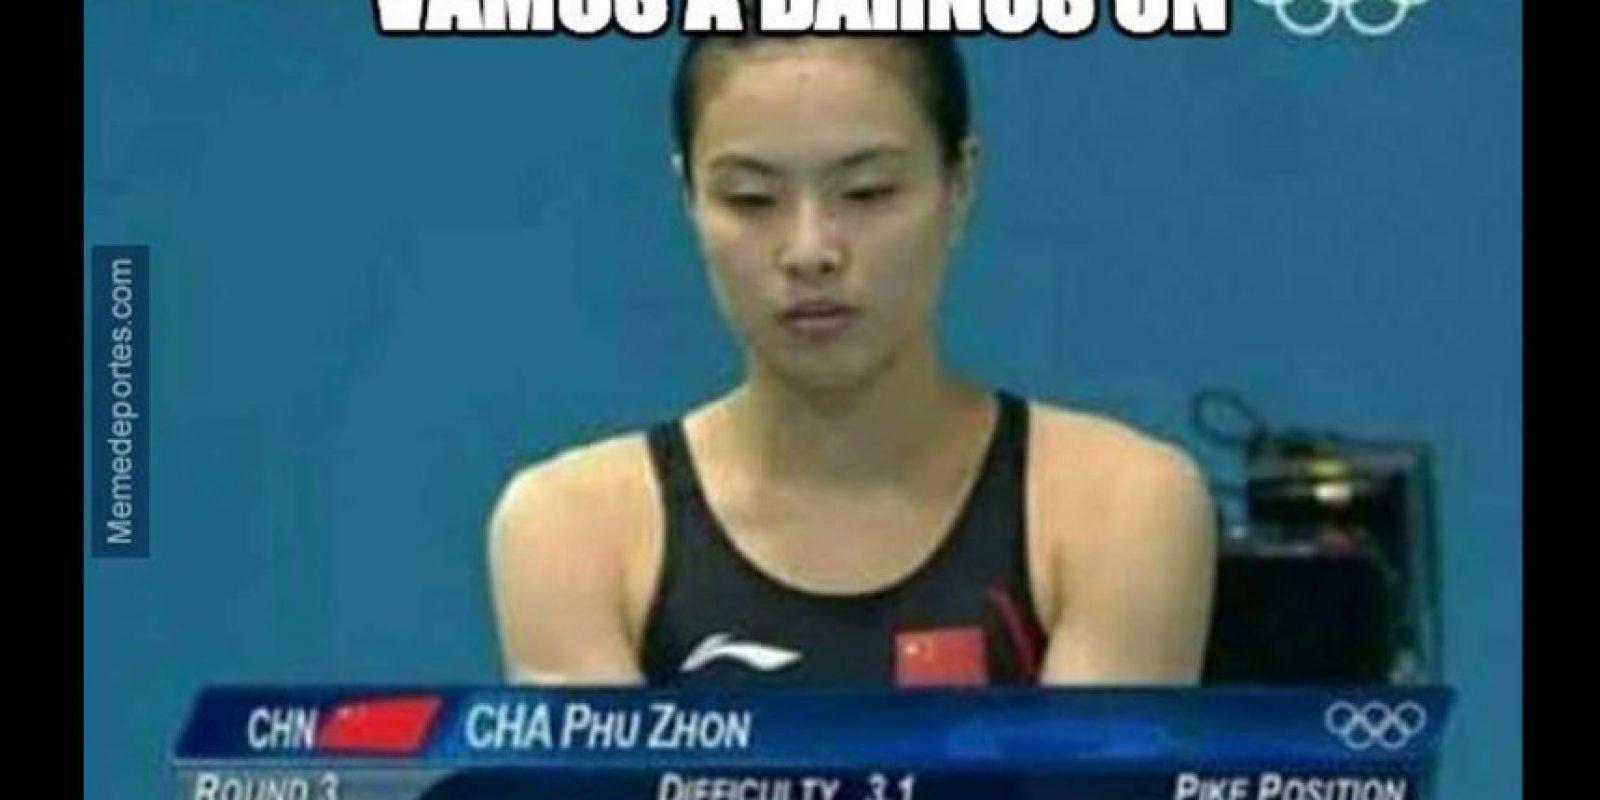 Los nombres de algunos deportistas también dieron de qué hablar. Foto:Vía twitter.com. Imagen Por: